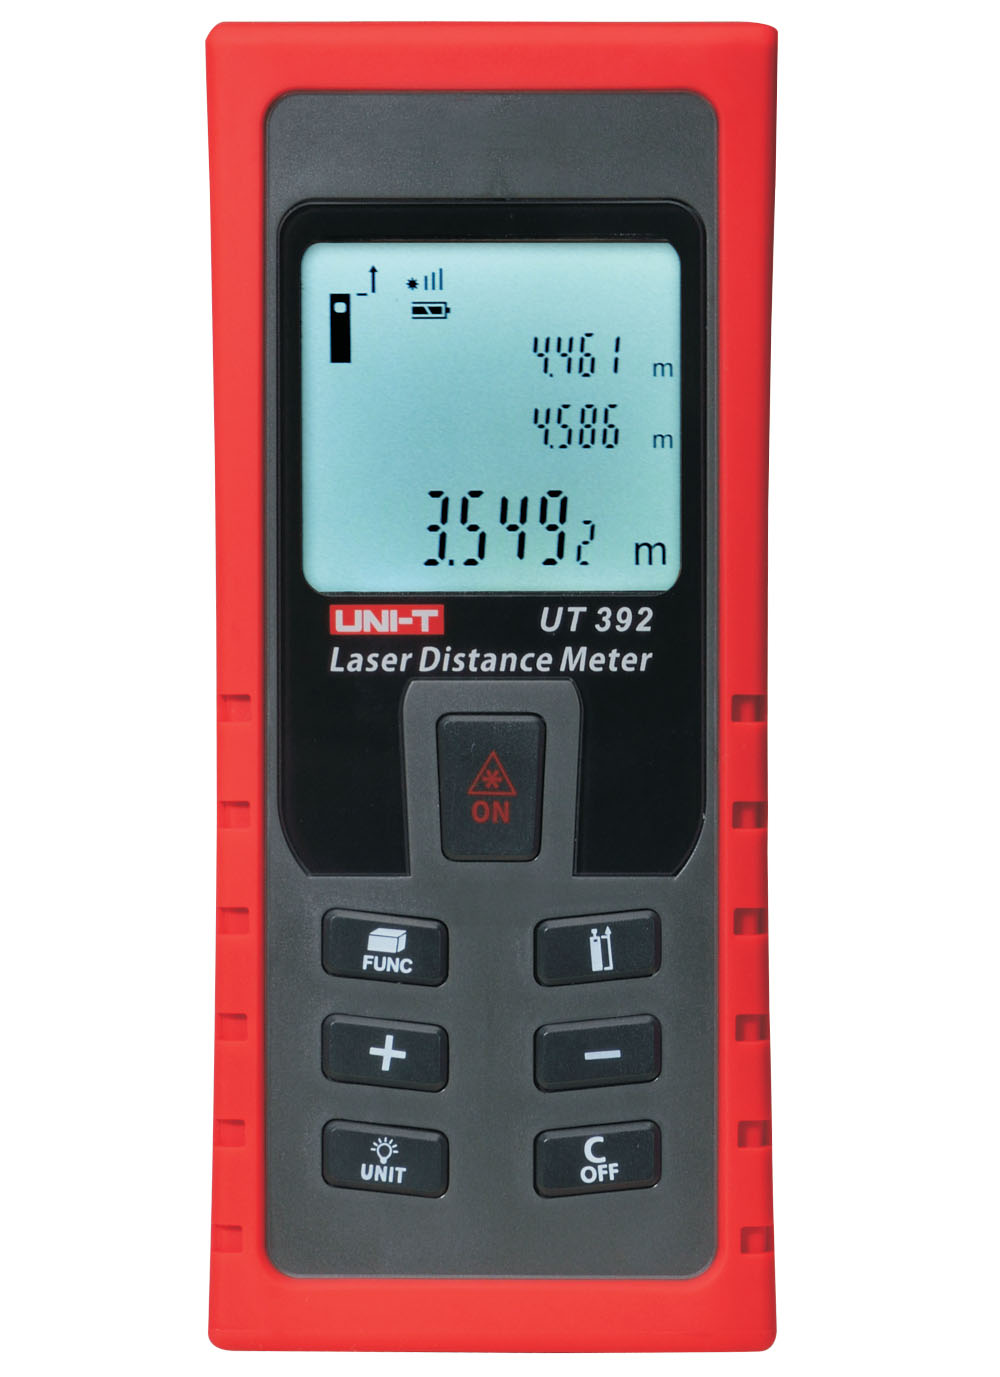 UNI-T UT392